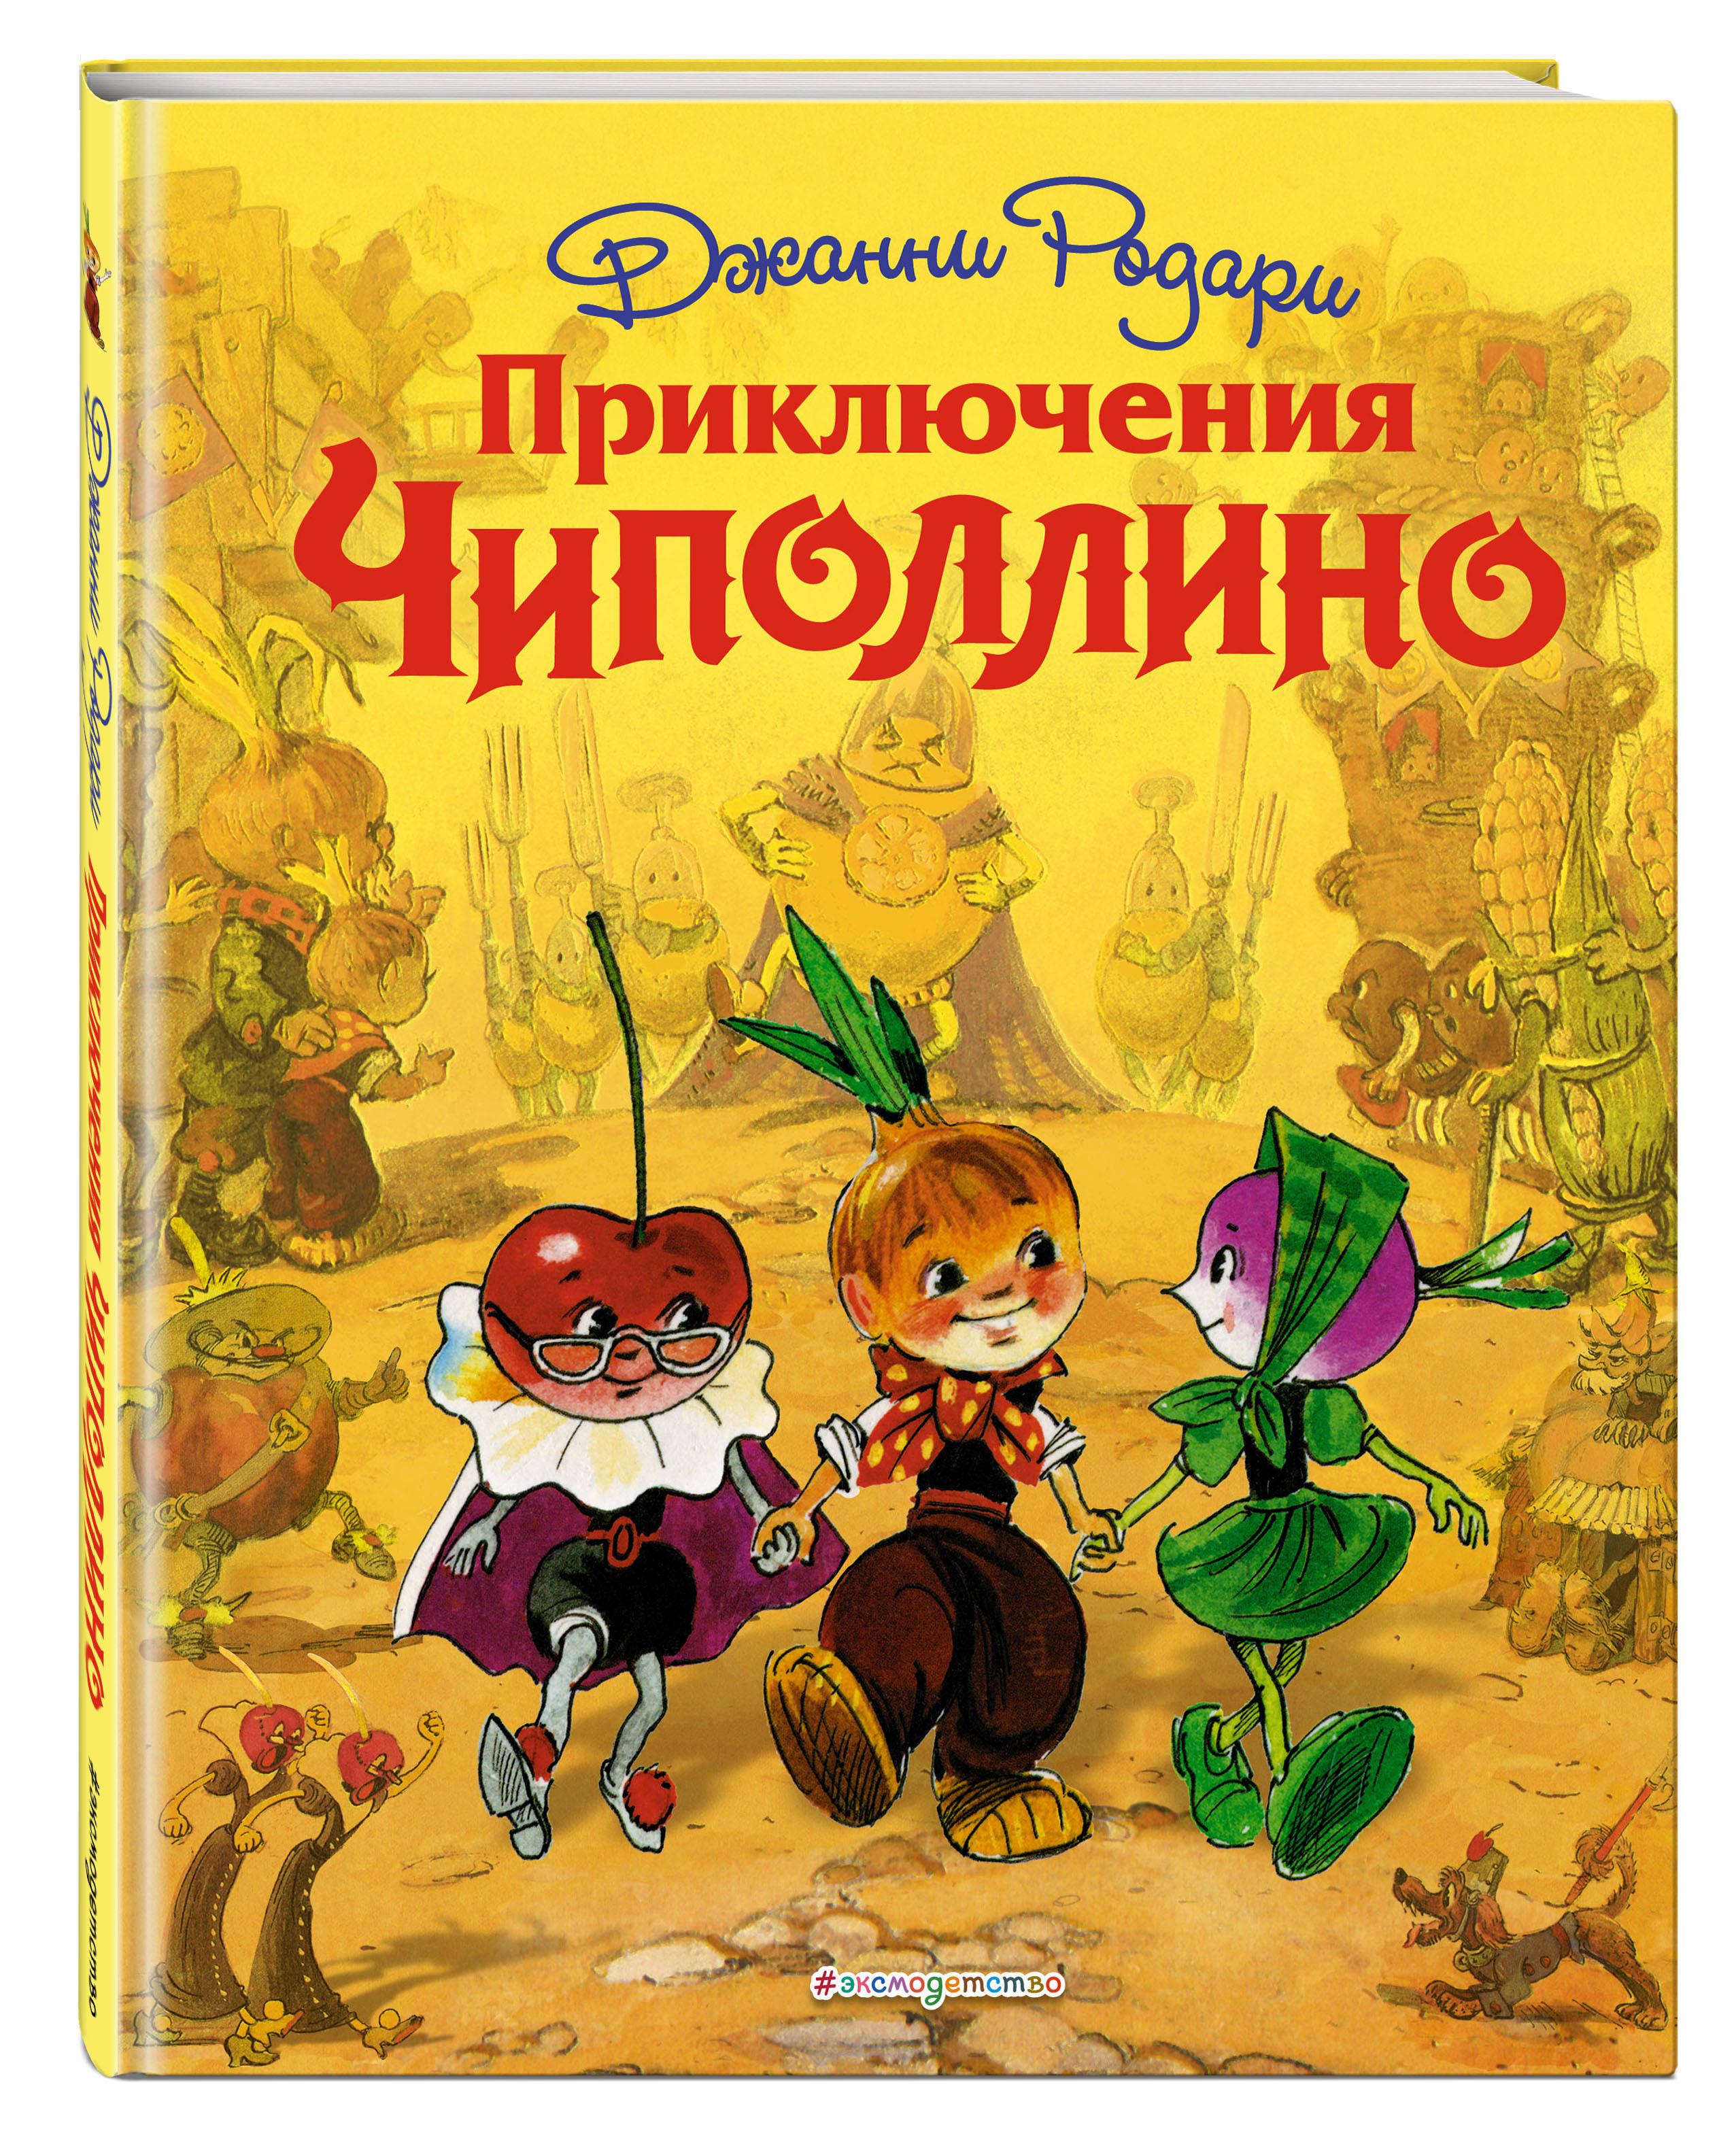 Джанни Родари Приключения Чиполлино (ил. Л. Владимирского)